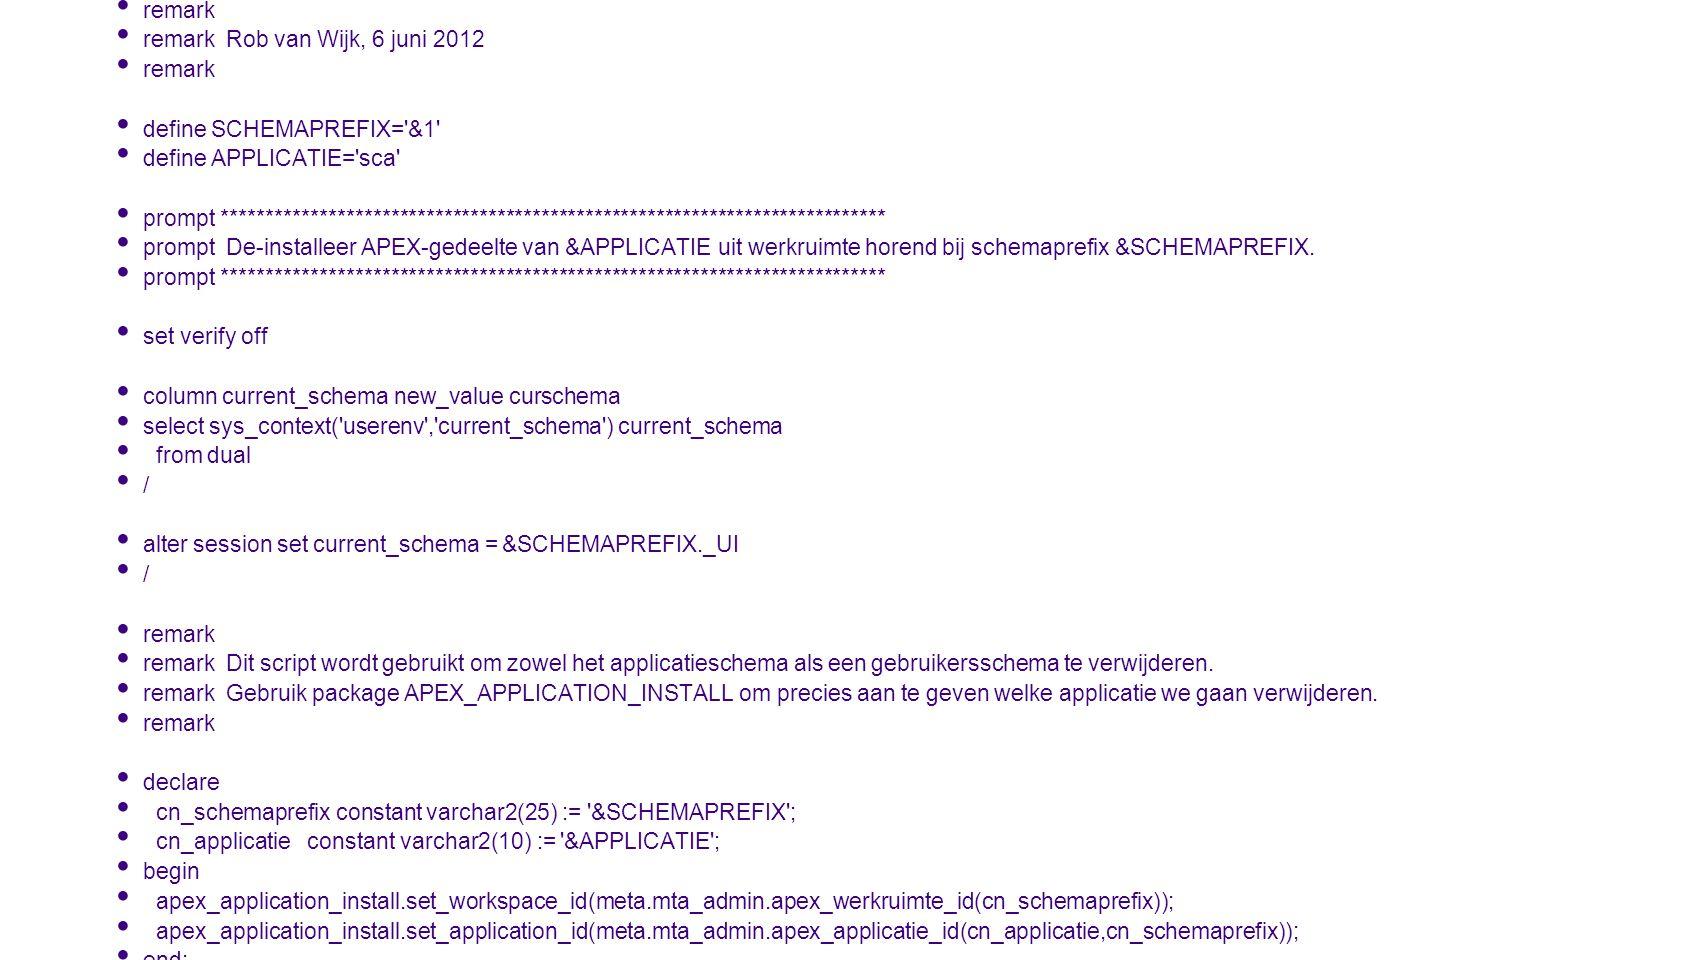 remark remark uninstall_apex.sql remark remark Rob van Wijk, 6 juni 2012 remark define SCHEMAPREFIX= &1 define APPLICATIE= sca prompt *************************************************************************** prompt De-installeer APEX-gedeelte van &APPLICATIE uit werkruimte horend bij schemaprefix &SCHEMAPREFIX.